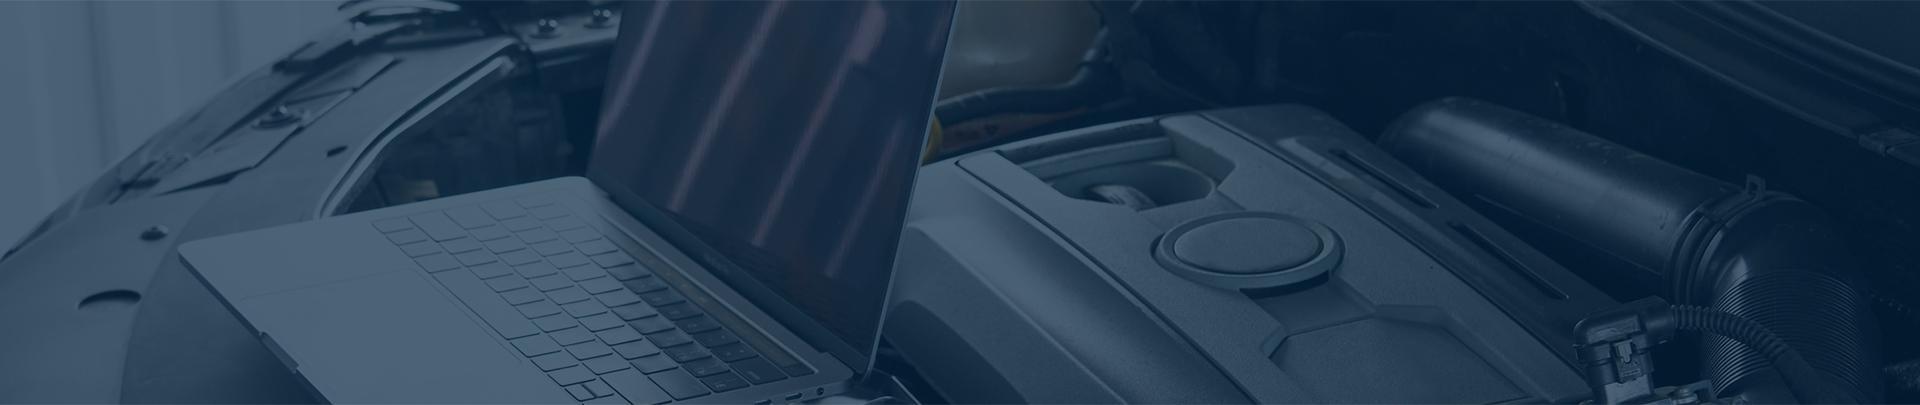 Laptop obok samochodu